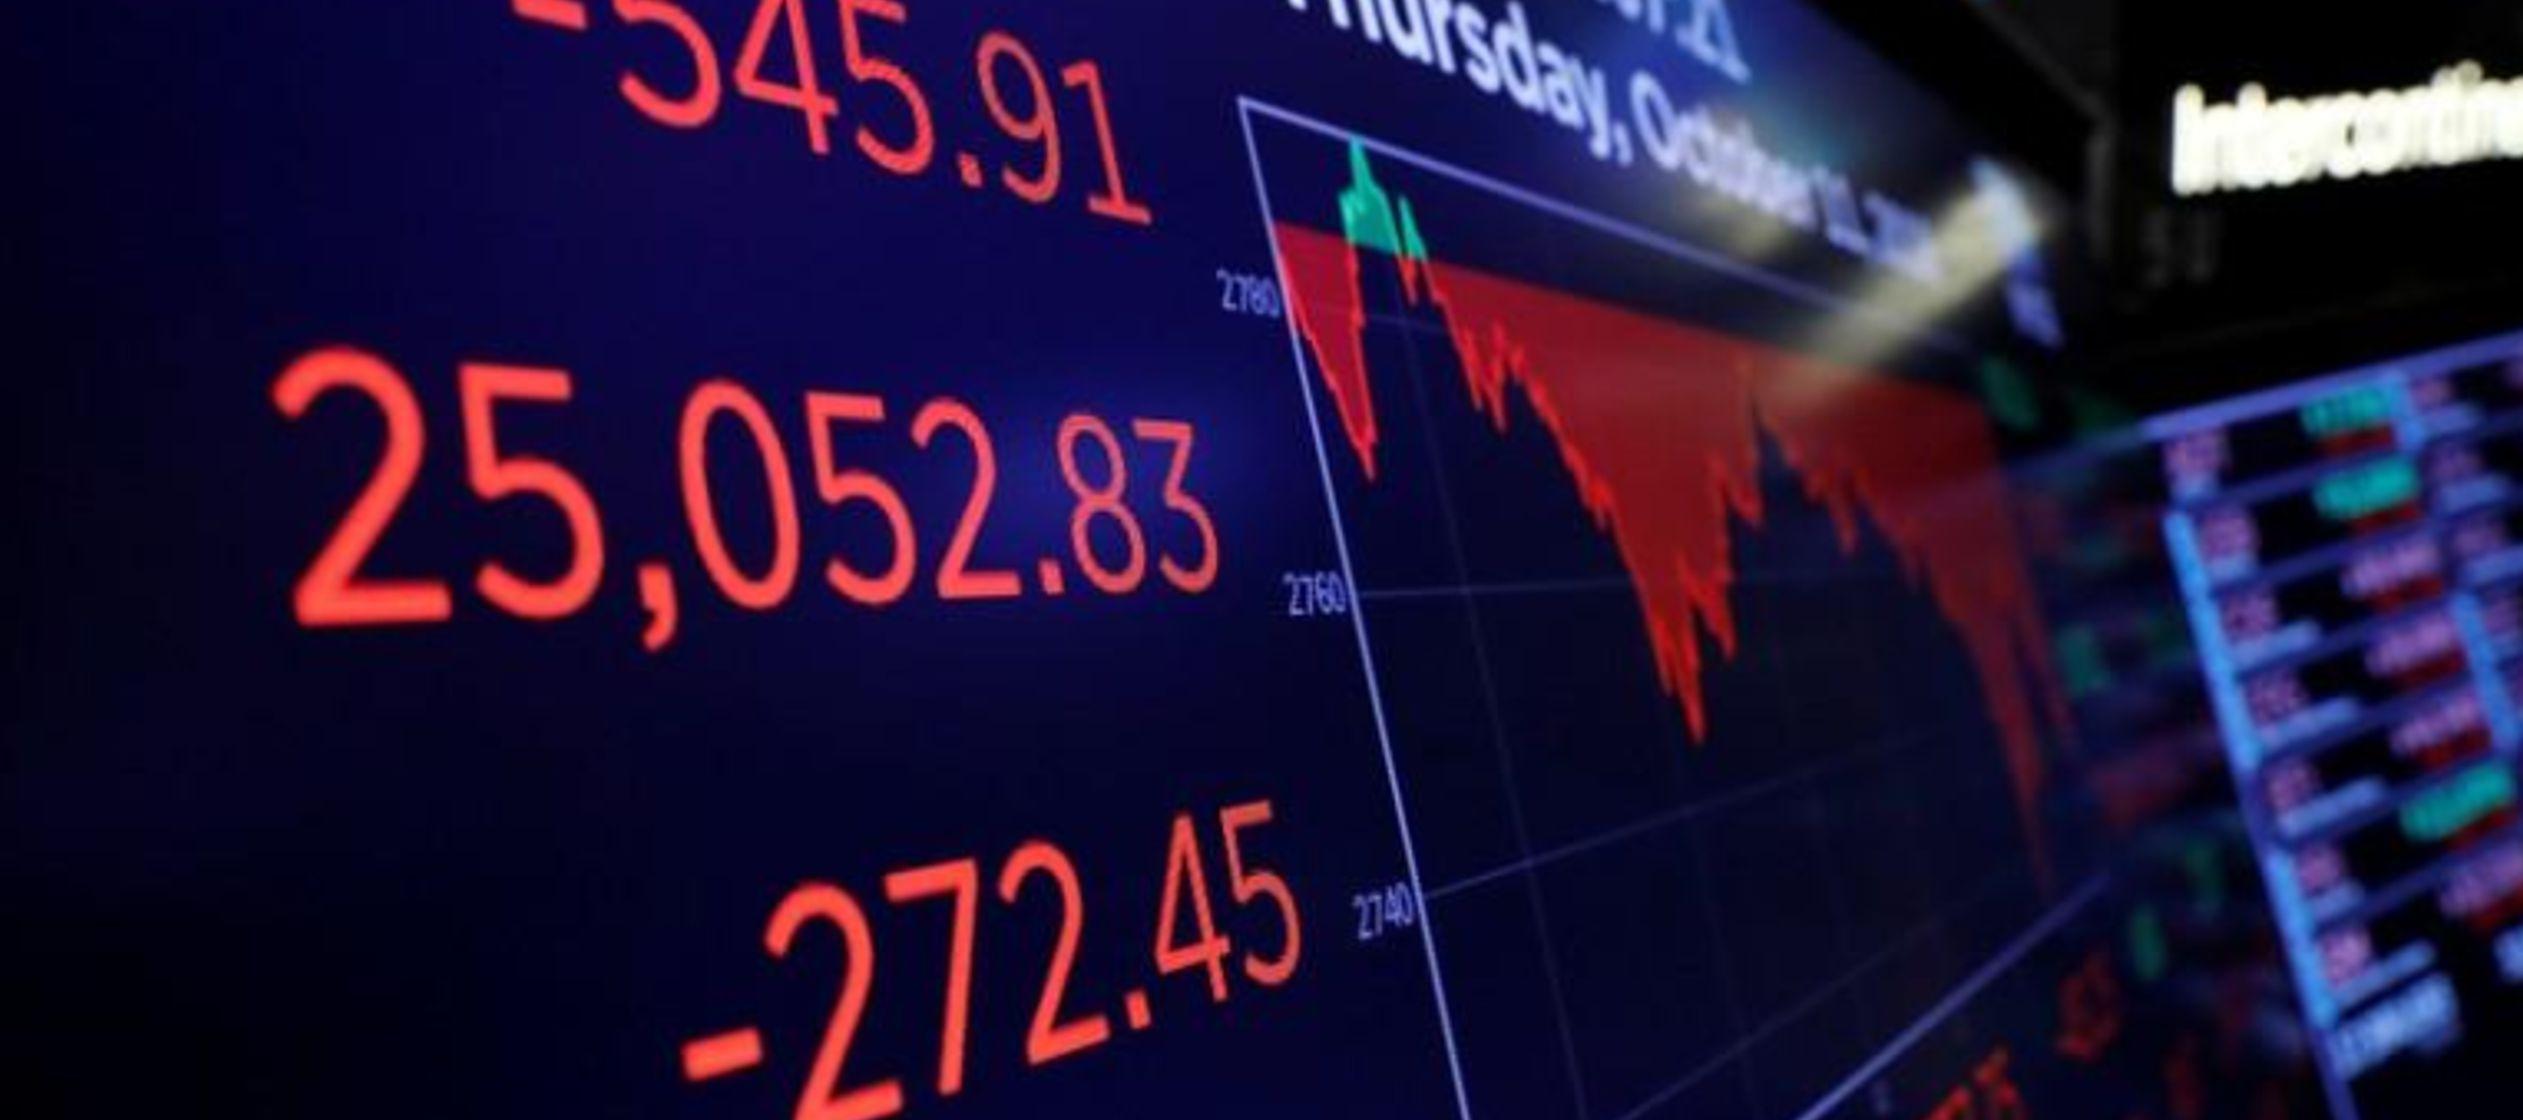 El dato ayudó a empujar los rendimientos de los bonos del Tesoro a mínimos en una...